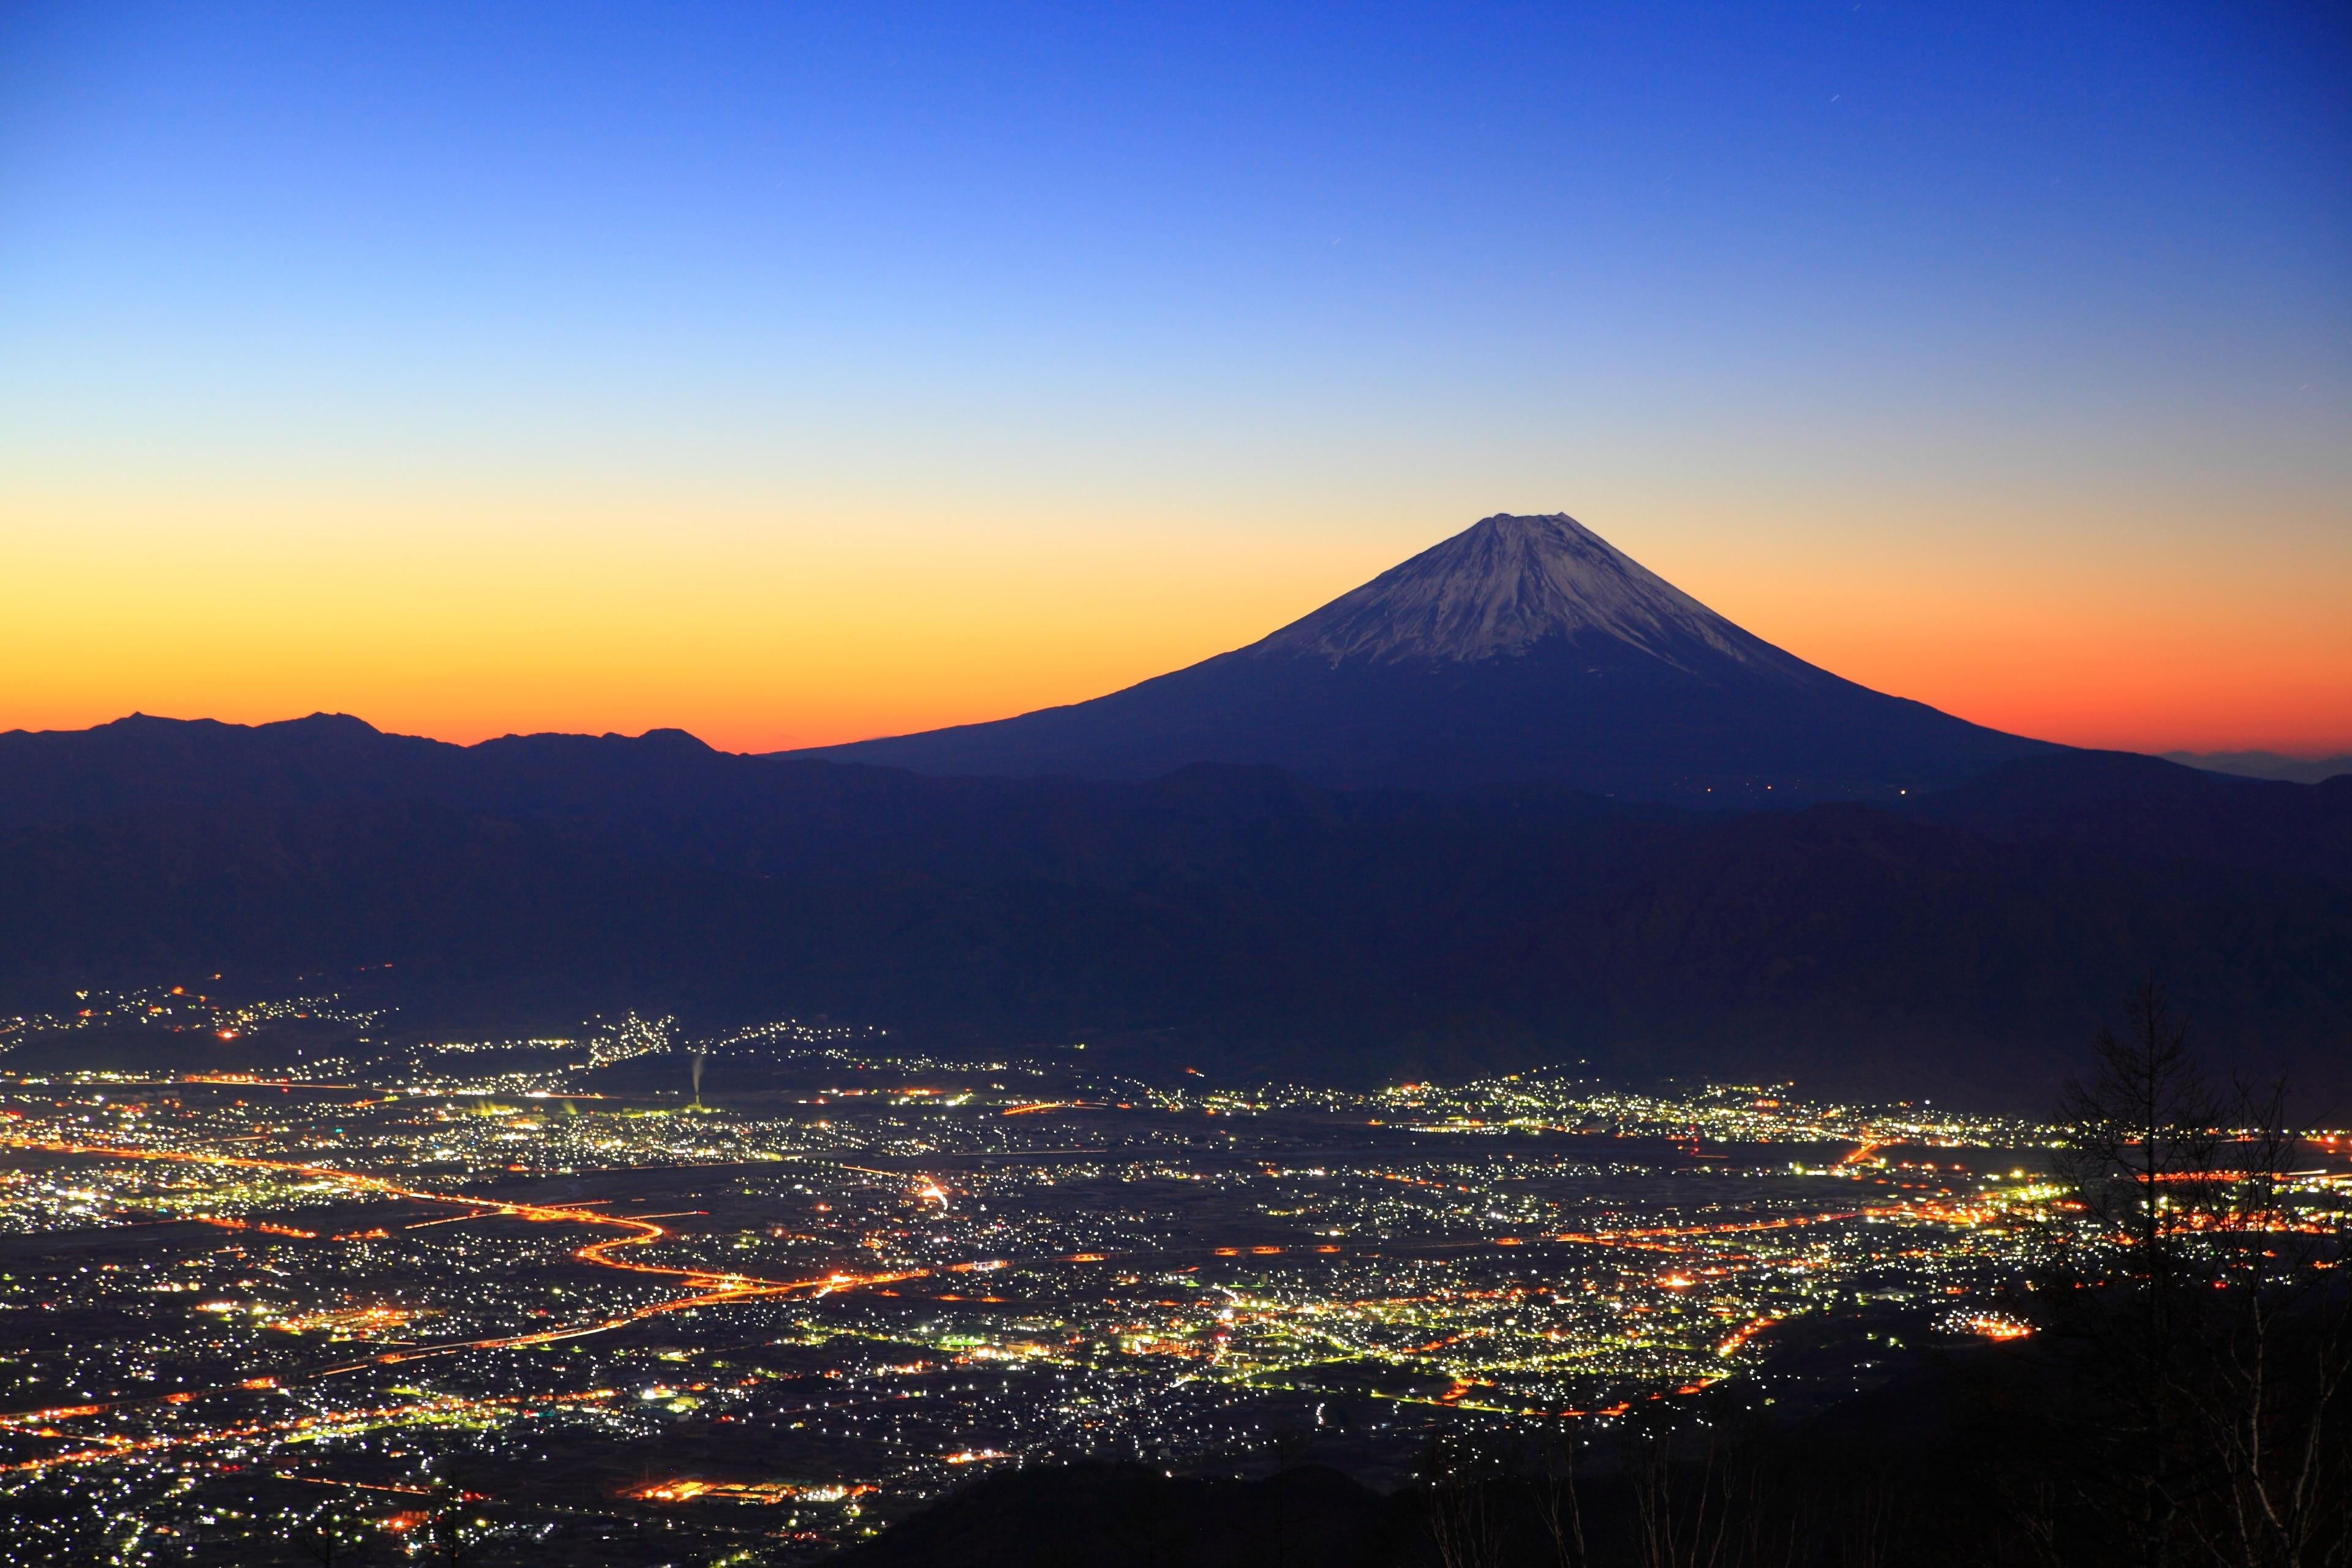 Yamanashi, Yamanashi (præfektur), Japan